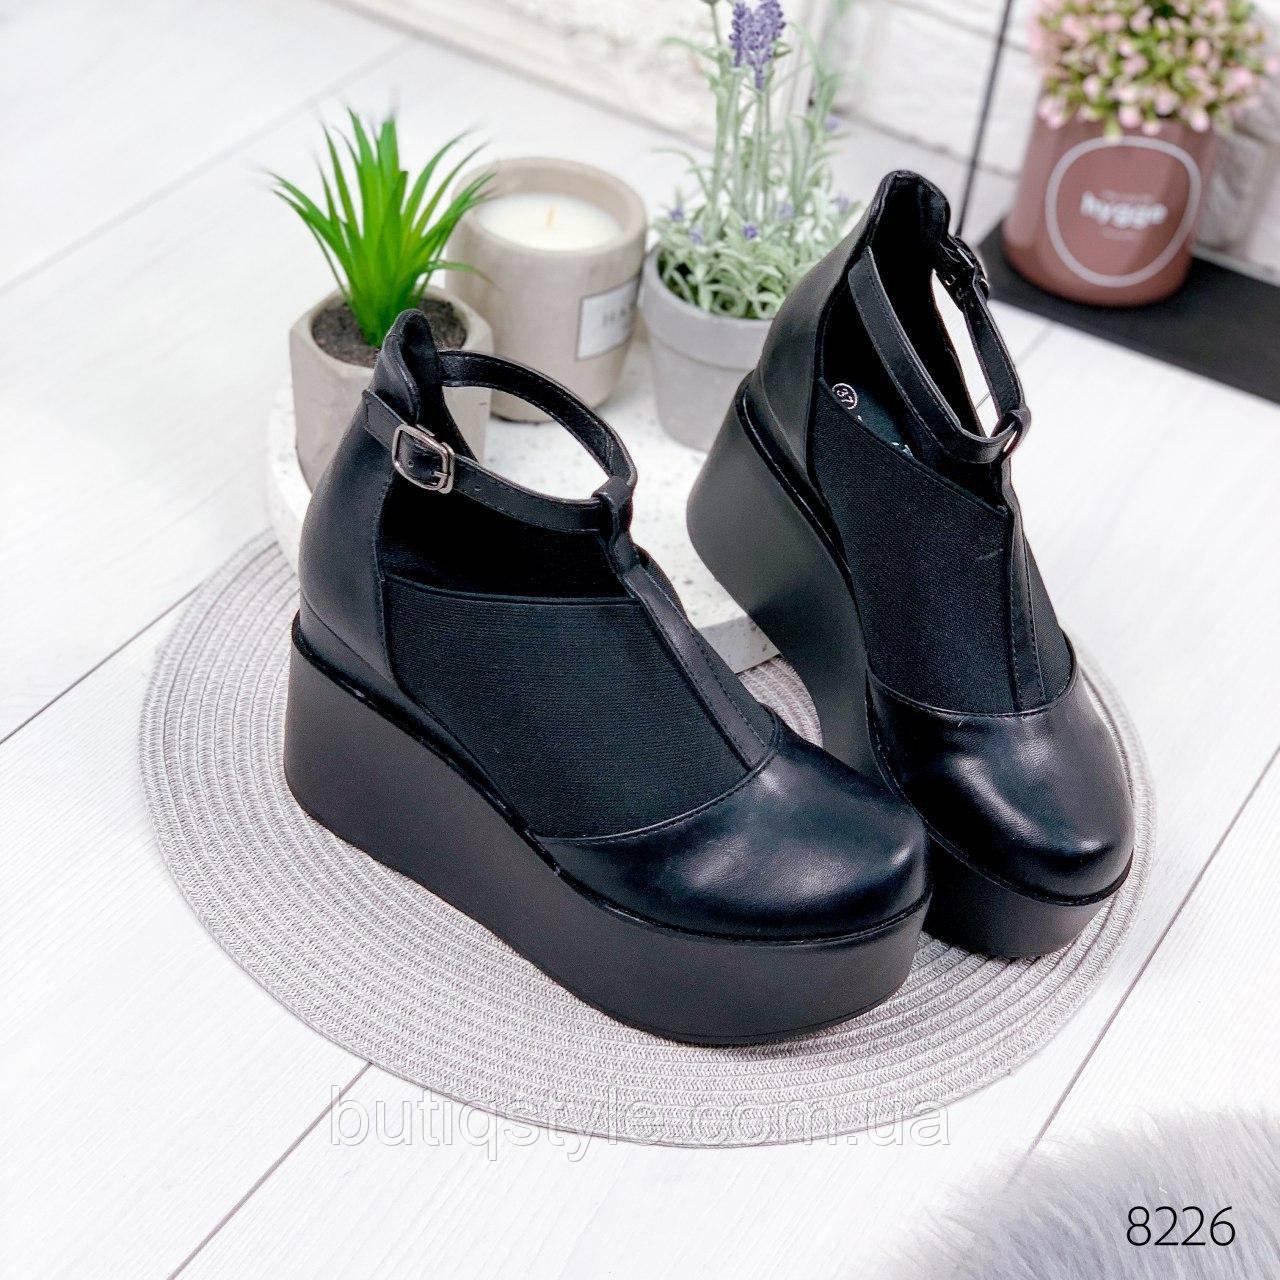 40 размер Женские черные туфли на платформе экокожа на резинке